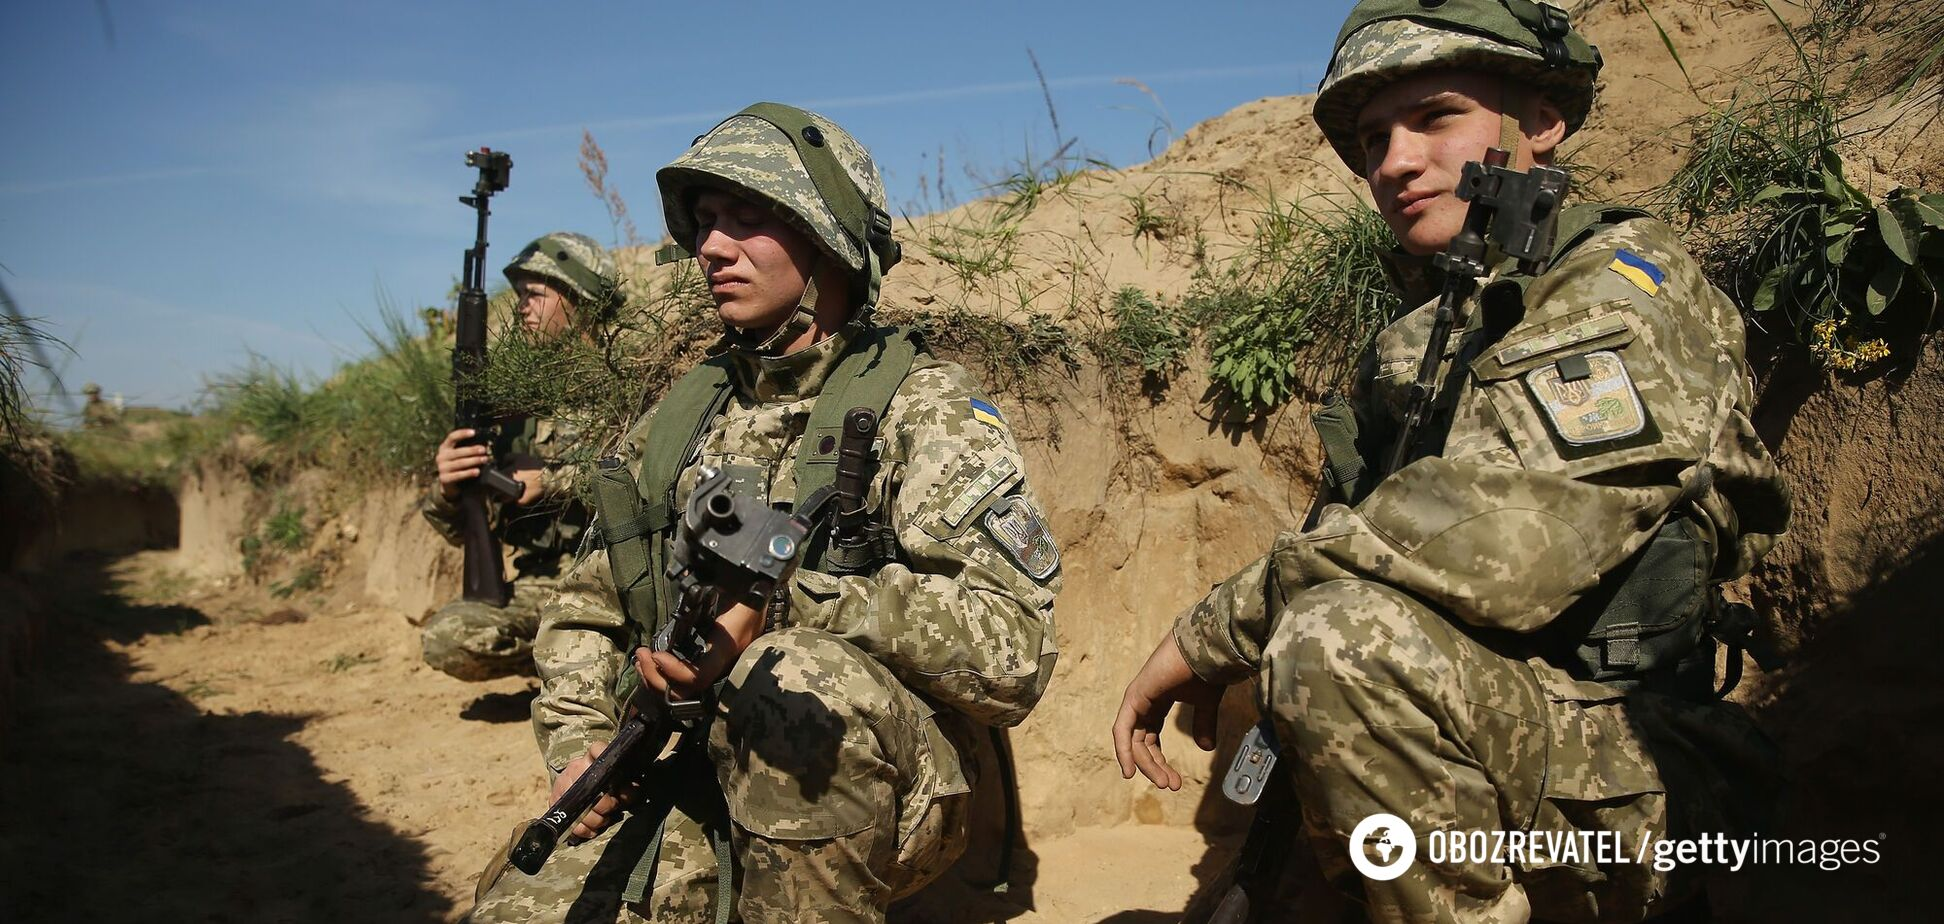 Першими на Донбас повинні зайти українські військові, – Гармаш